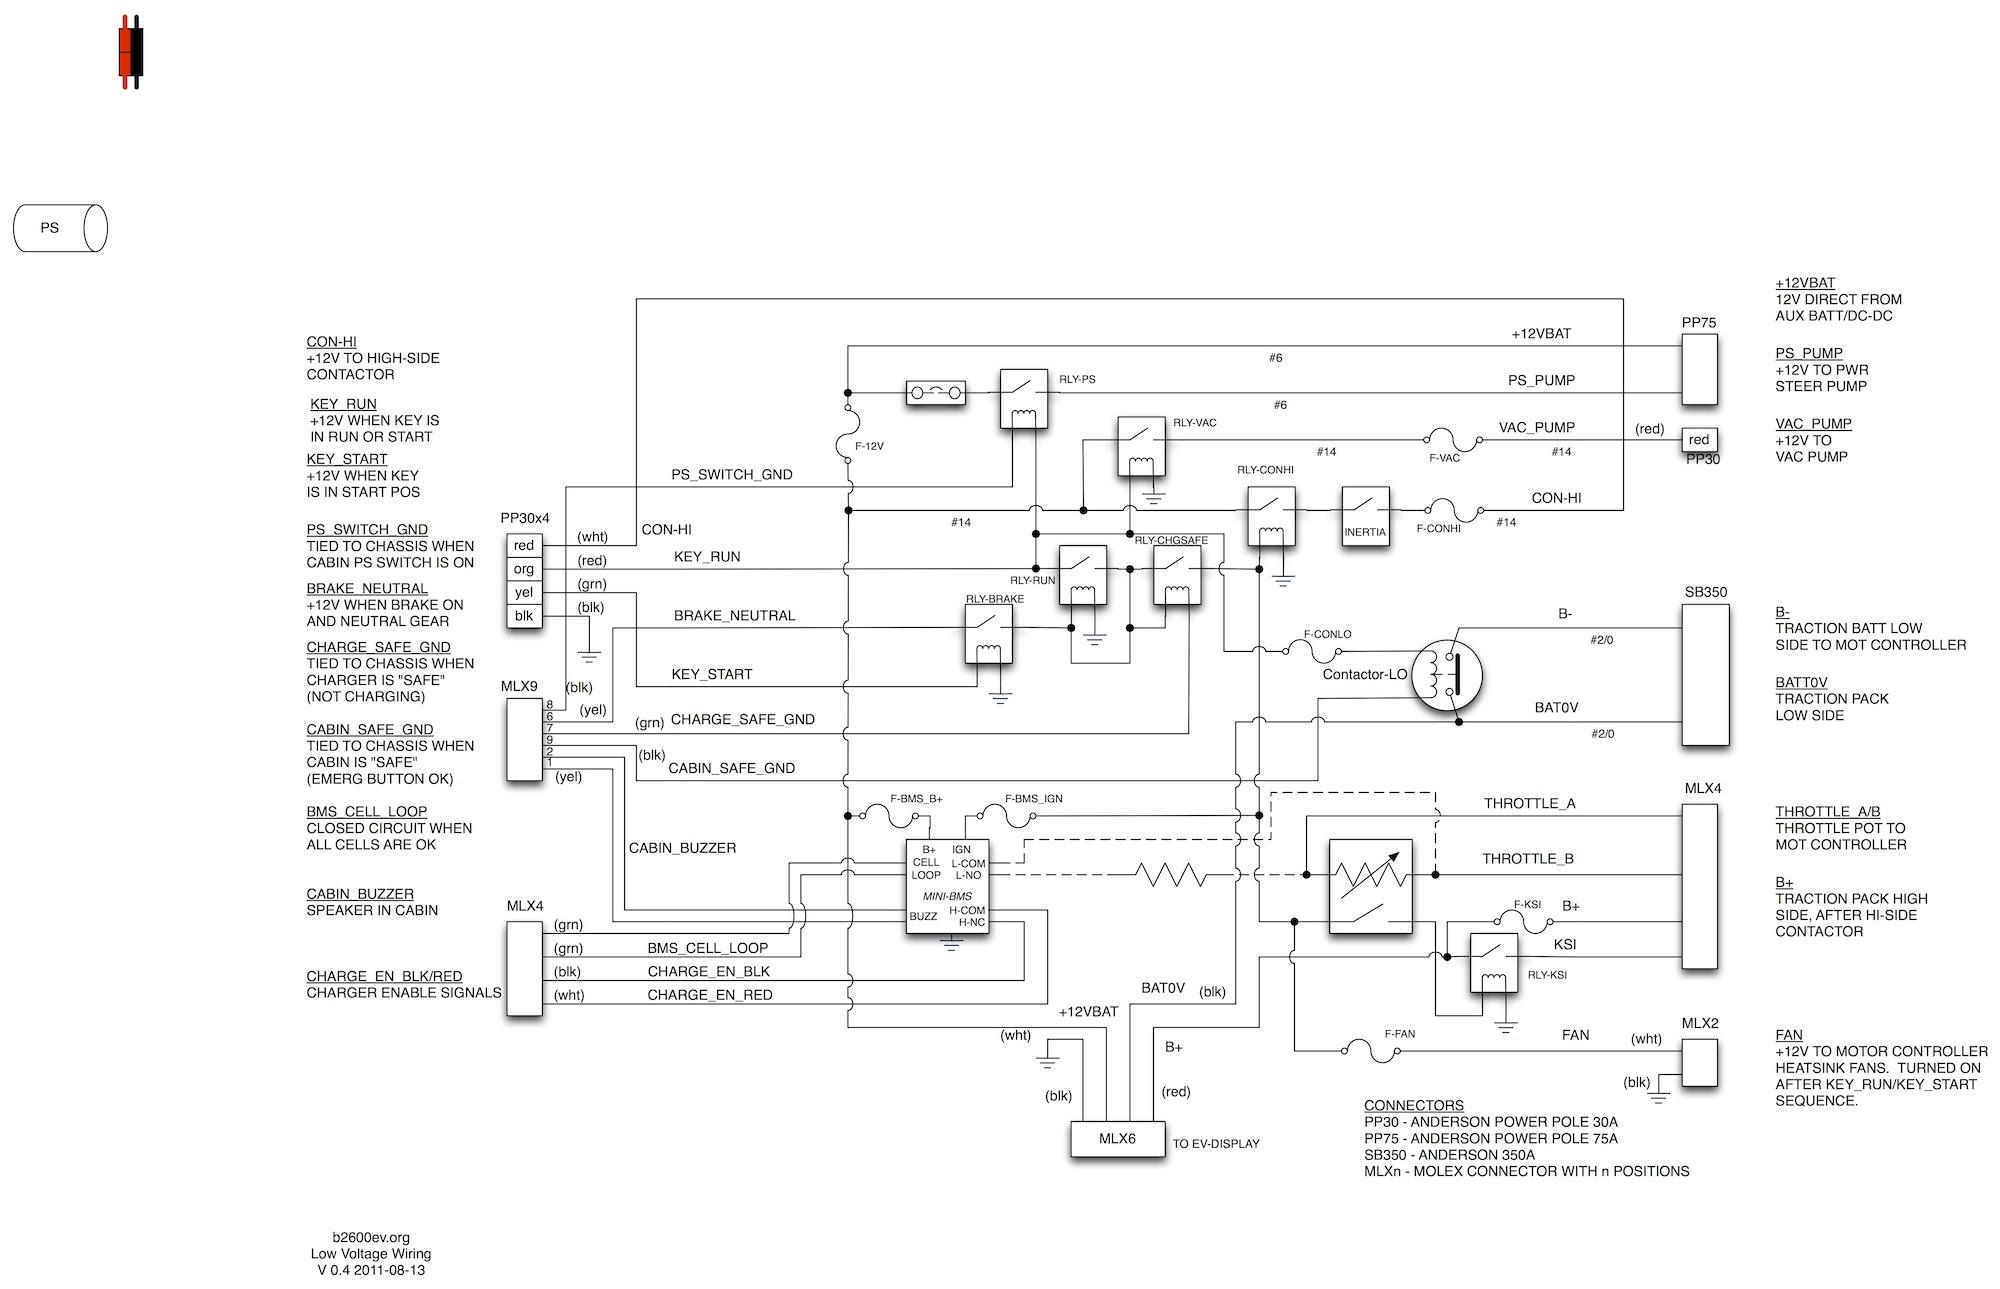 1990 Chevy Pchis Wiring Diagram Original Motorhome Stepvan Last Valley Tower Wiring Diagram 2005ram Kdx 200 Jeanjaures37 Fr